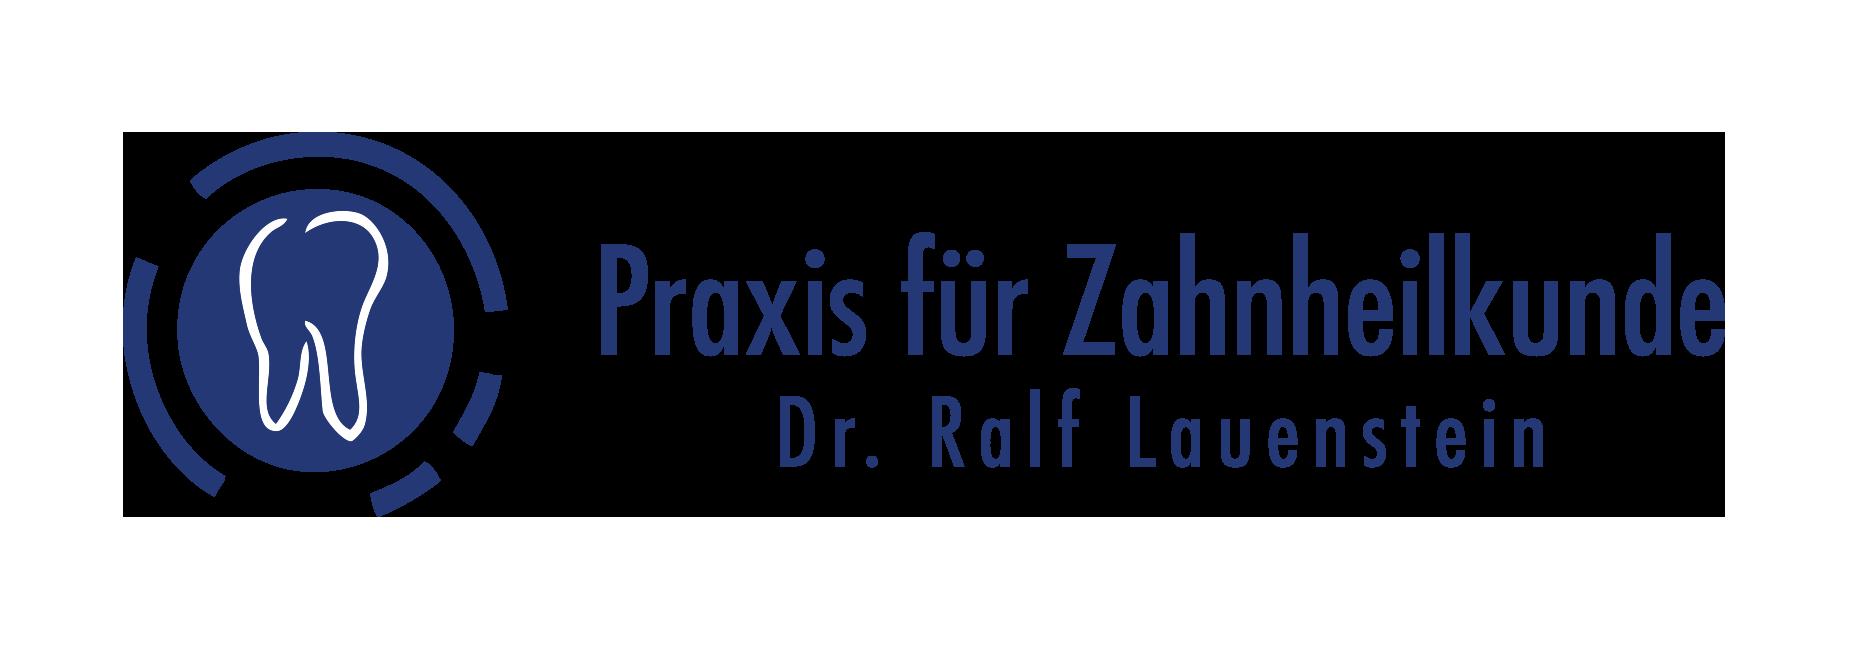 Zahnspangen - Zahnarzt Dr. Lauenstein in Bremen